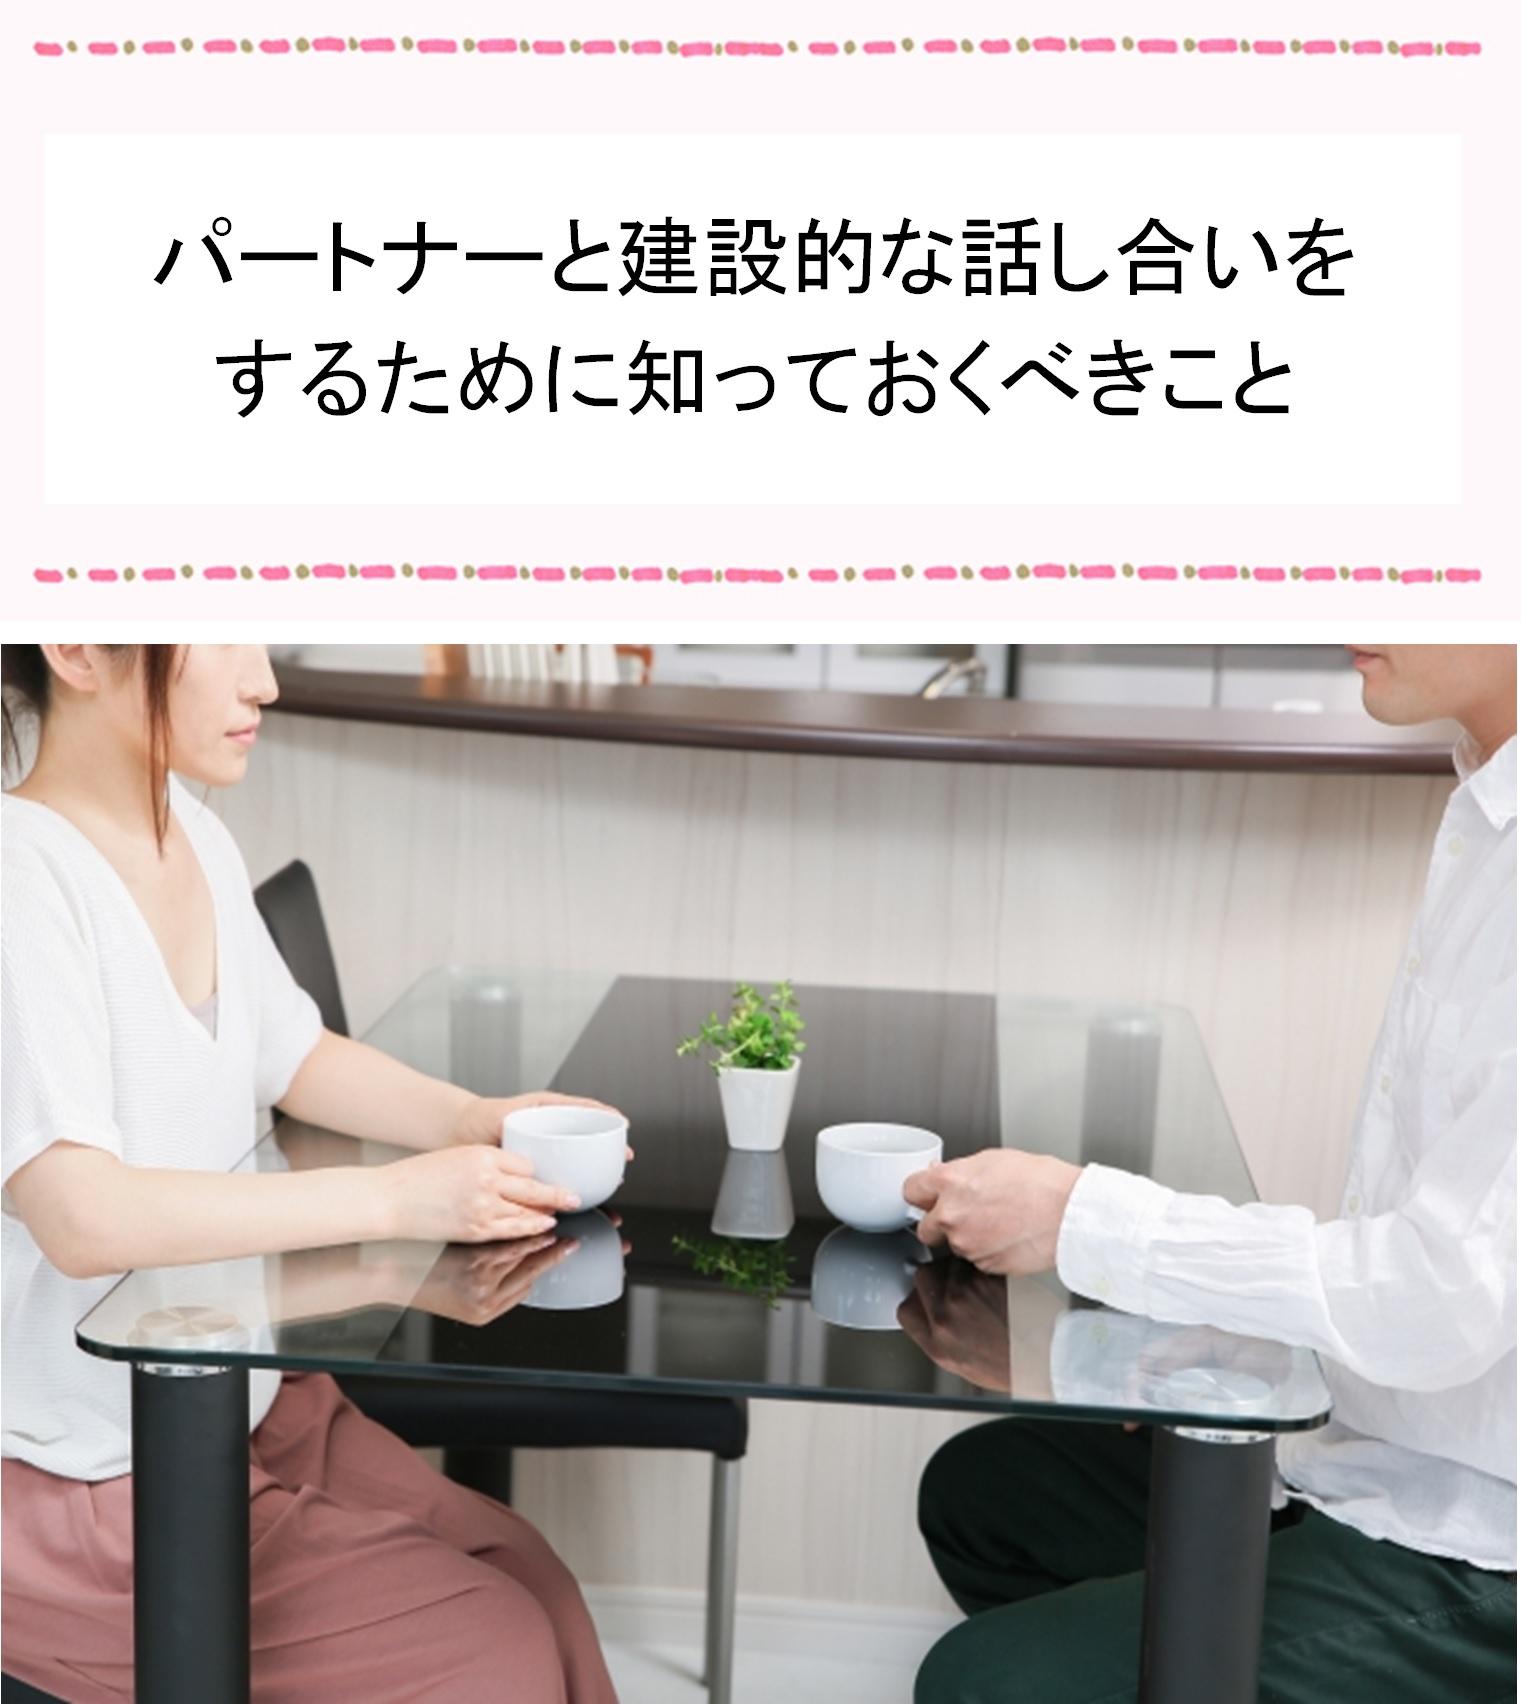 円満離婚、夫婦修復